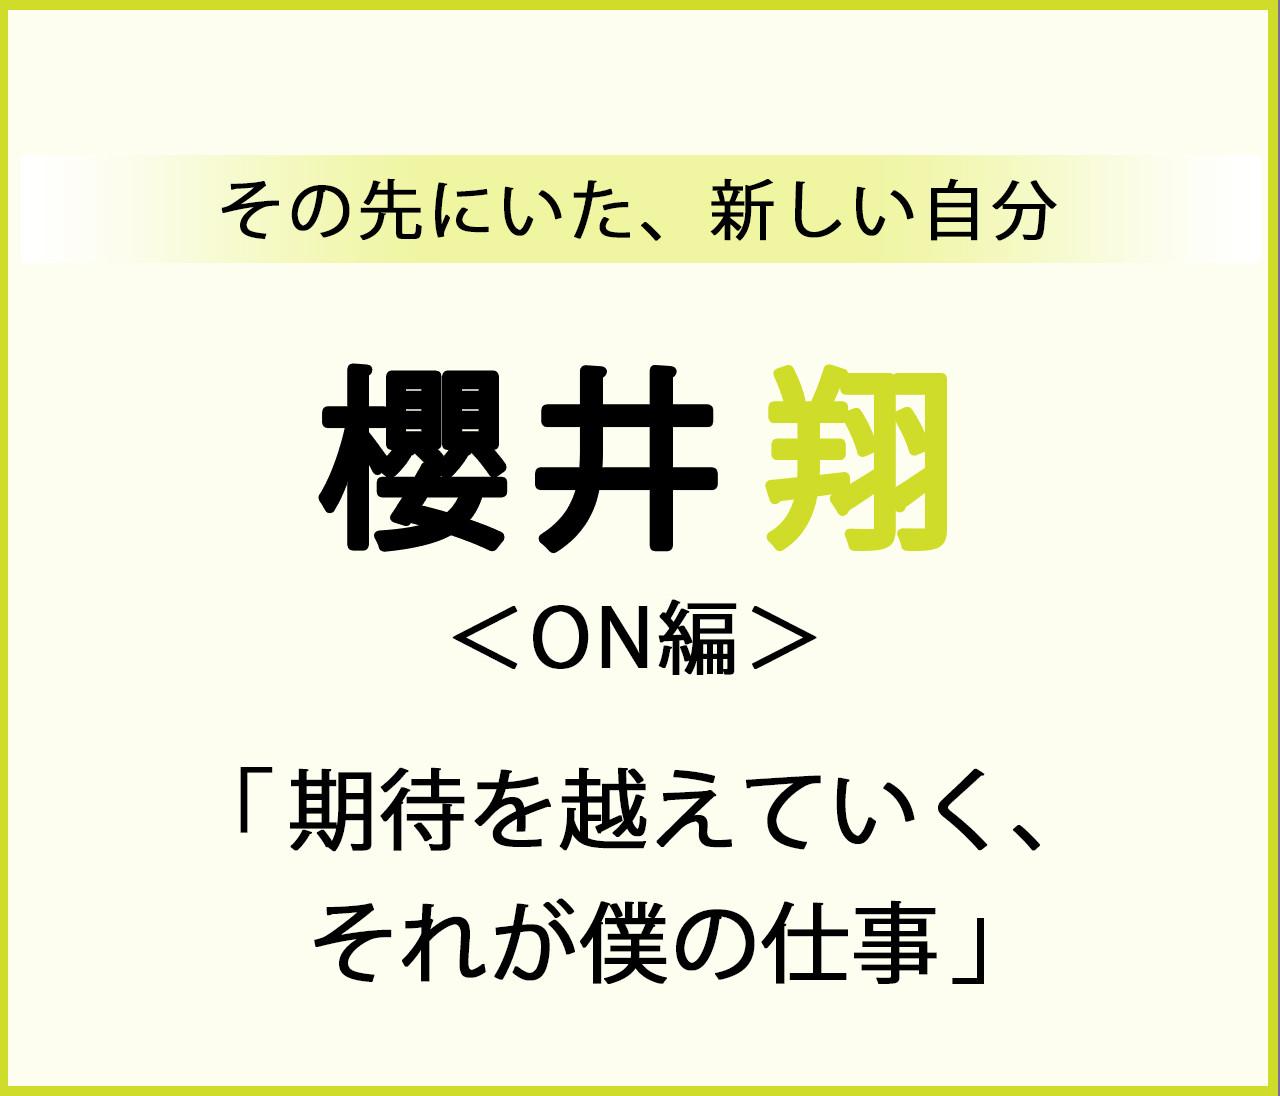 """【 #櫻井翔 スペシャルインタビュー】「やる前にギブアップは絶対に、ないです」""""ON""""の櫻井翔"""